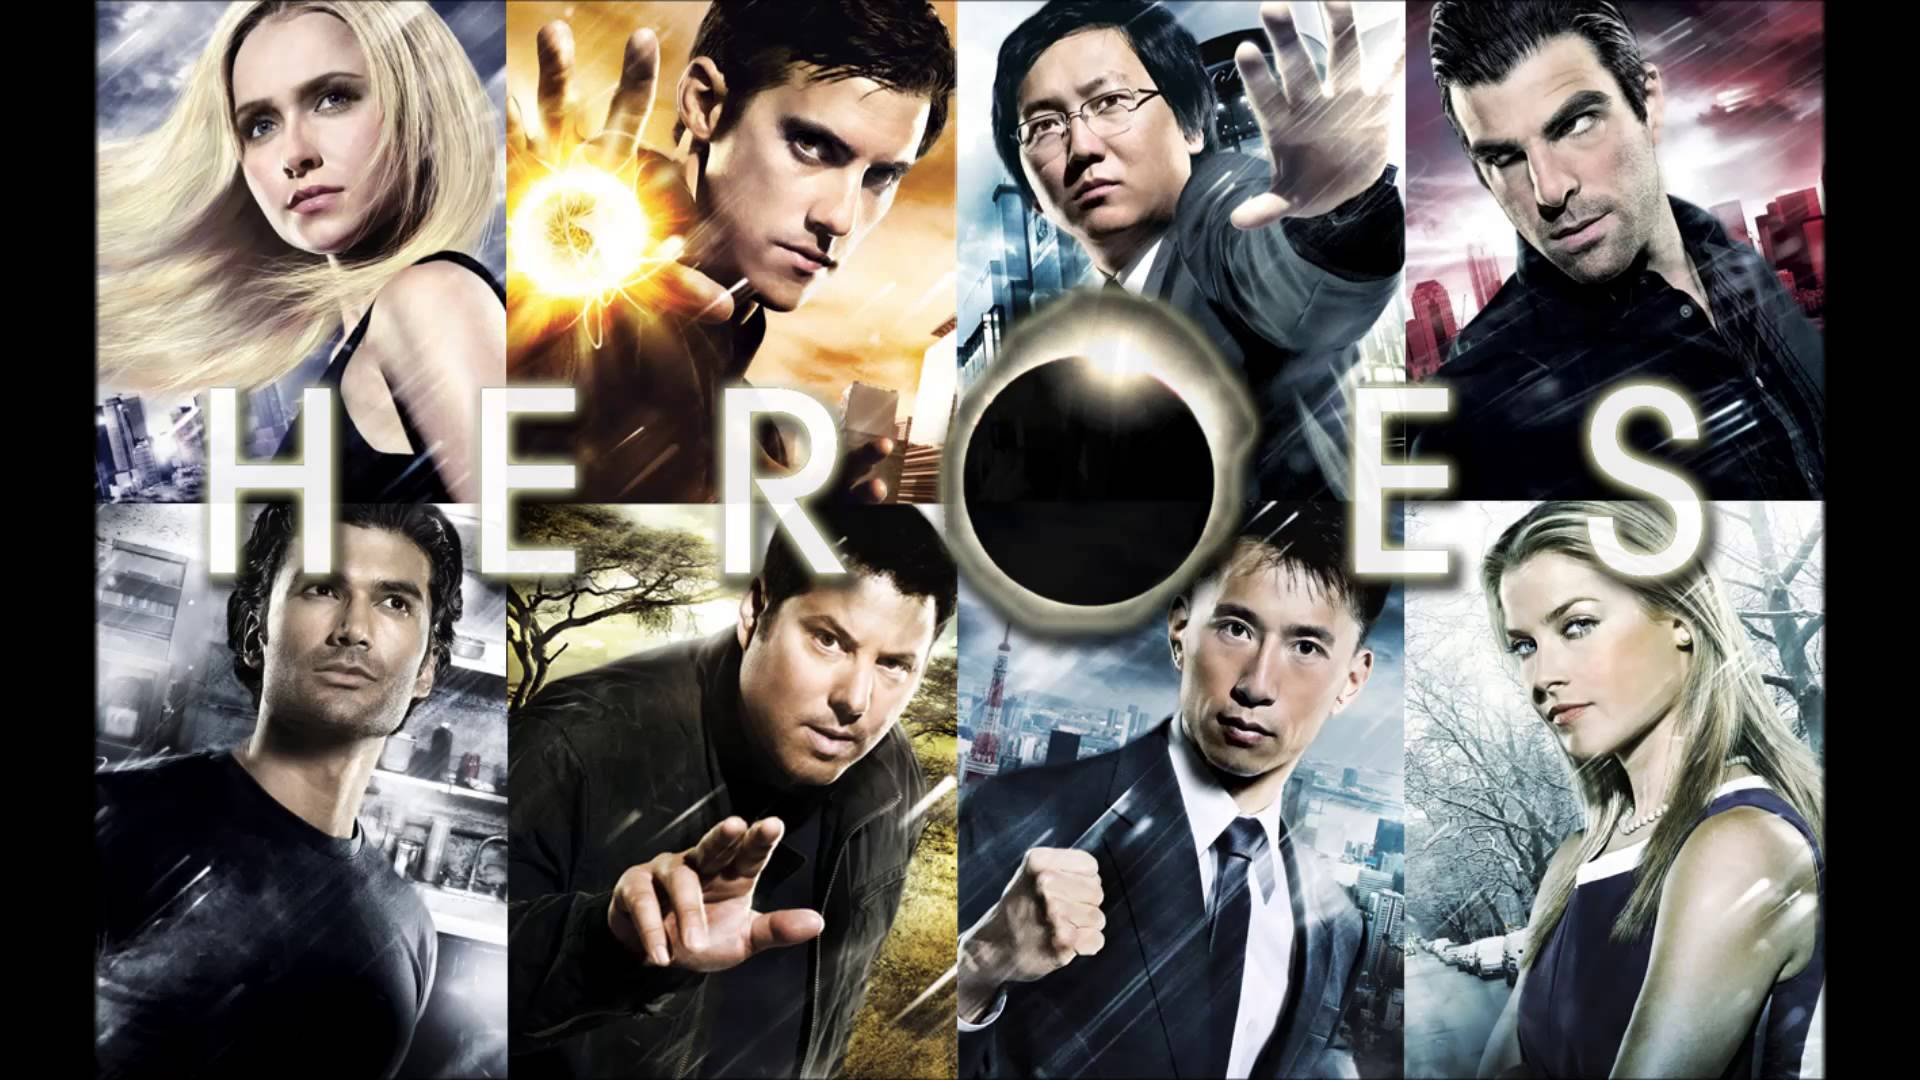 大人気海外テレビドラマ【HEROES】に脳内を支配され、いい英語学習法にもなってるかもしれない話